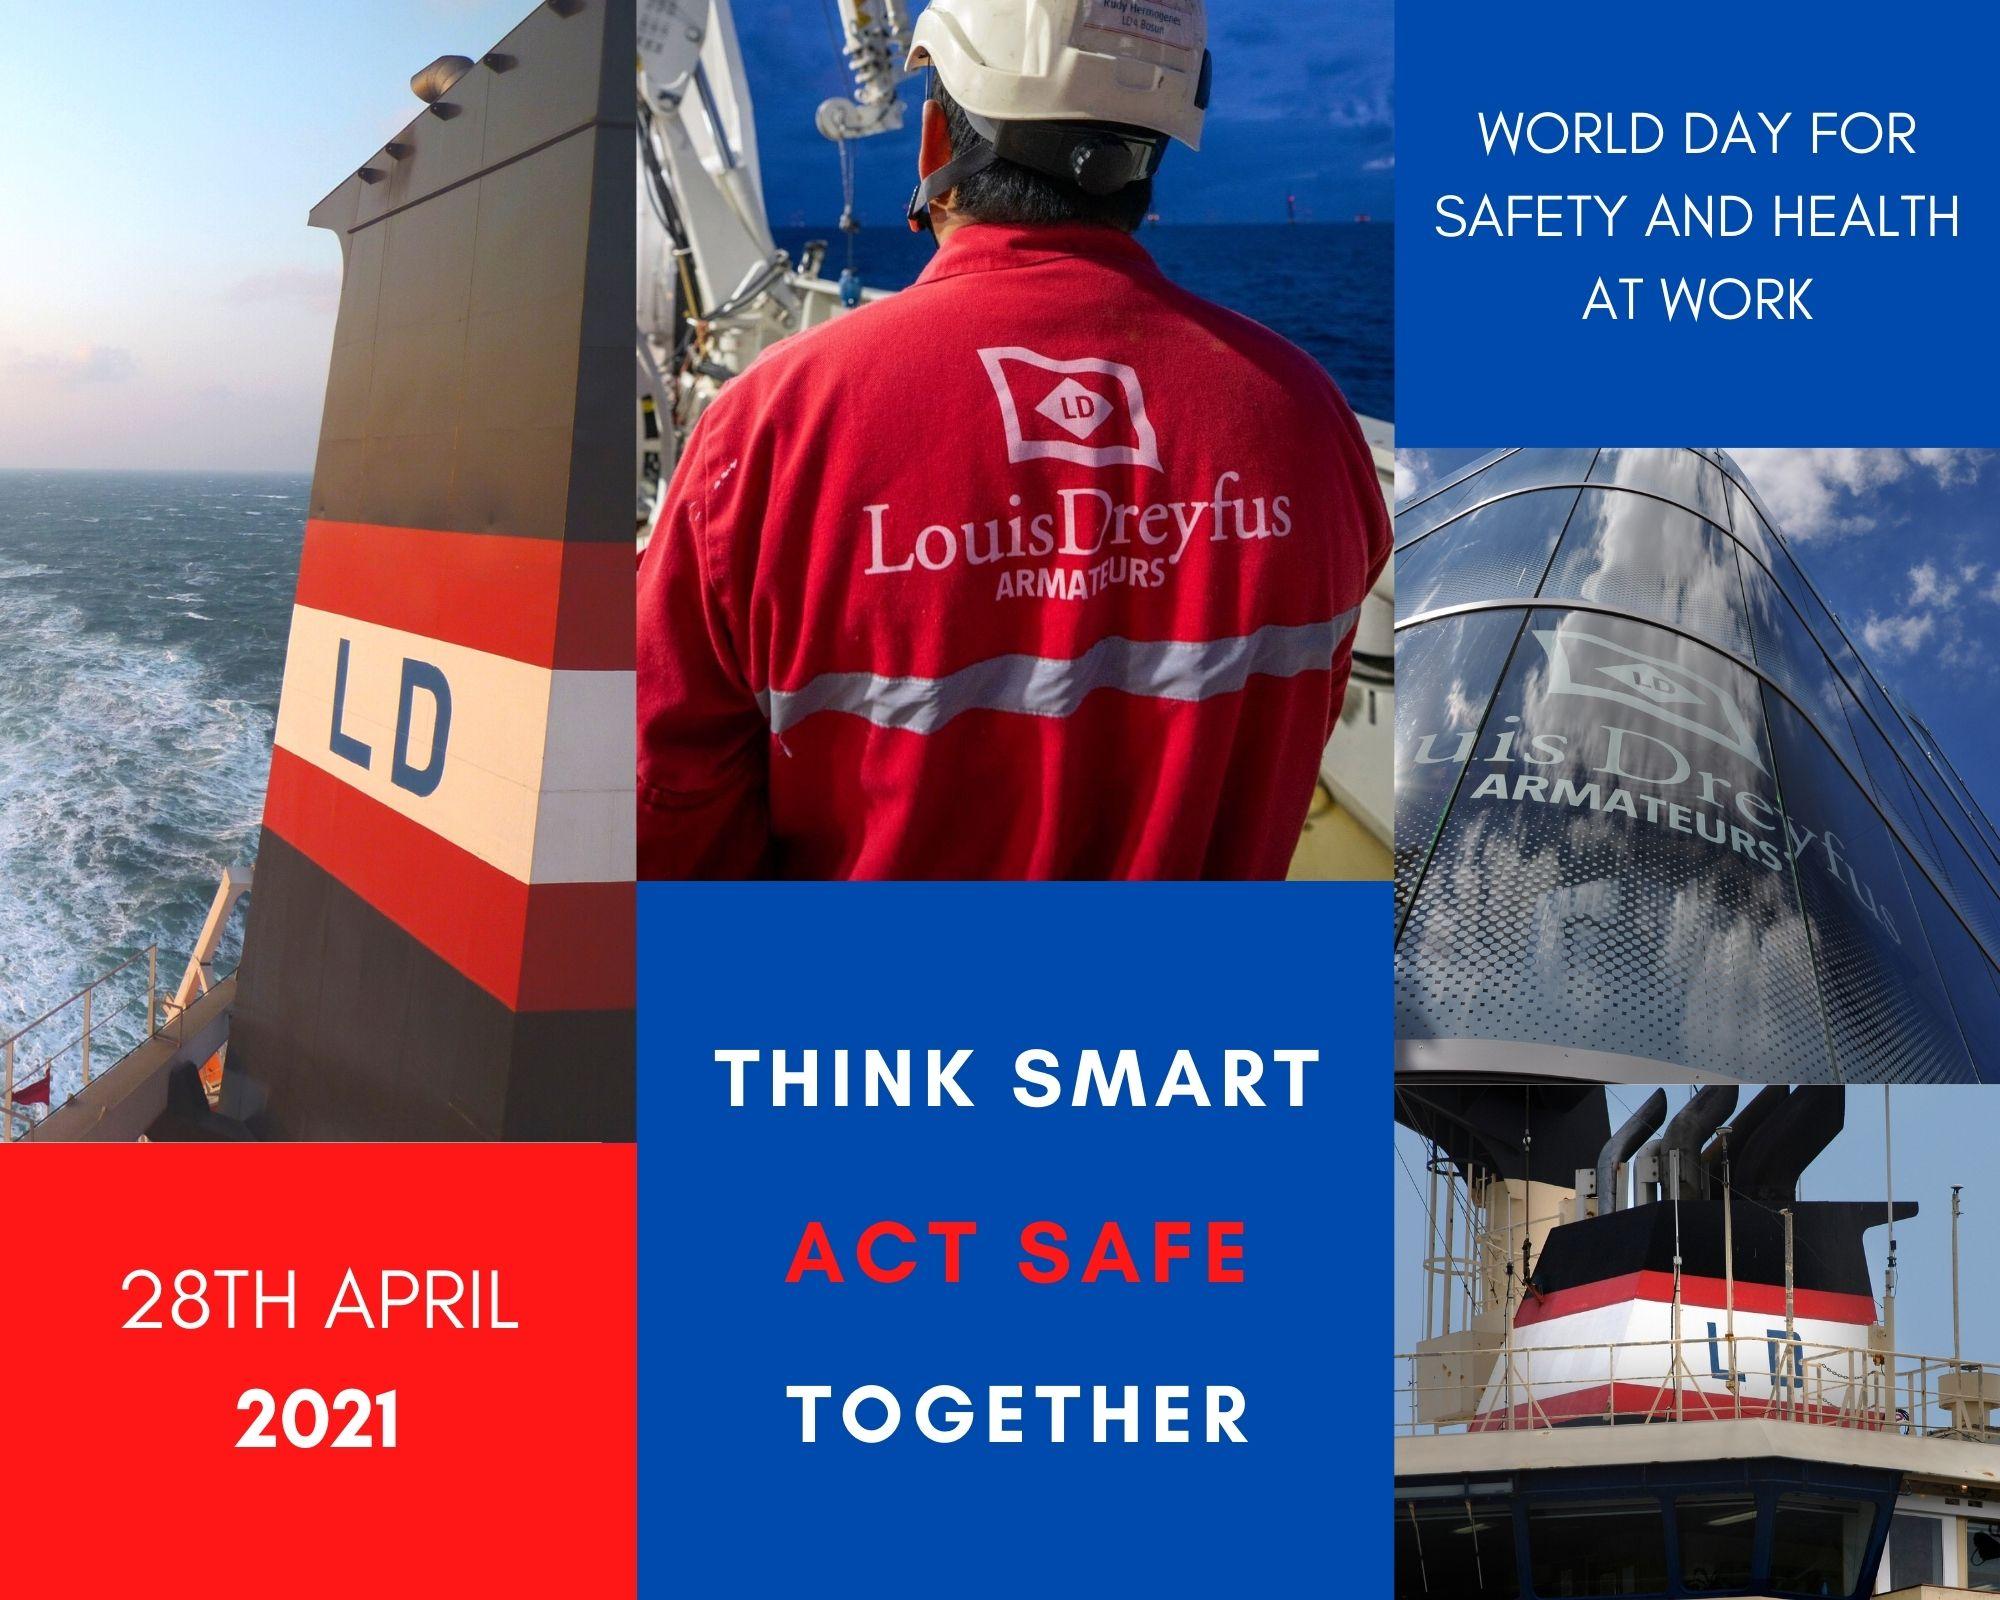 LDA Safety THINK SMART ACT SAFE TOGETHER